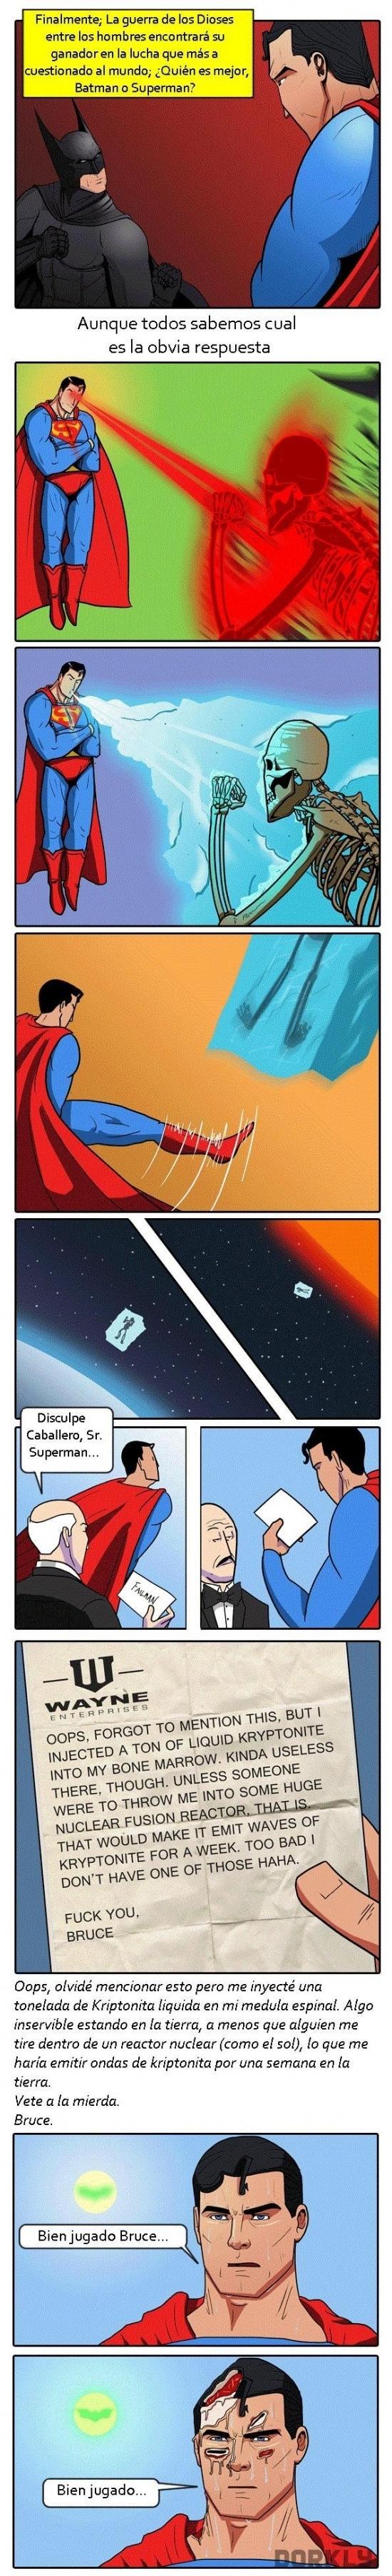 Otros - Superman es superior a Batman en todos los aspectos, excepto en el ingenio